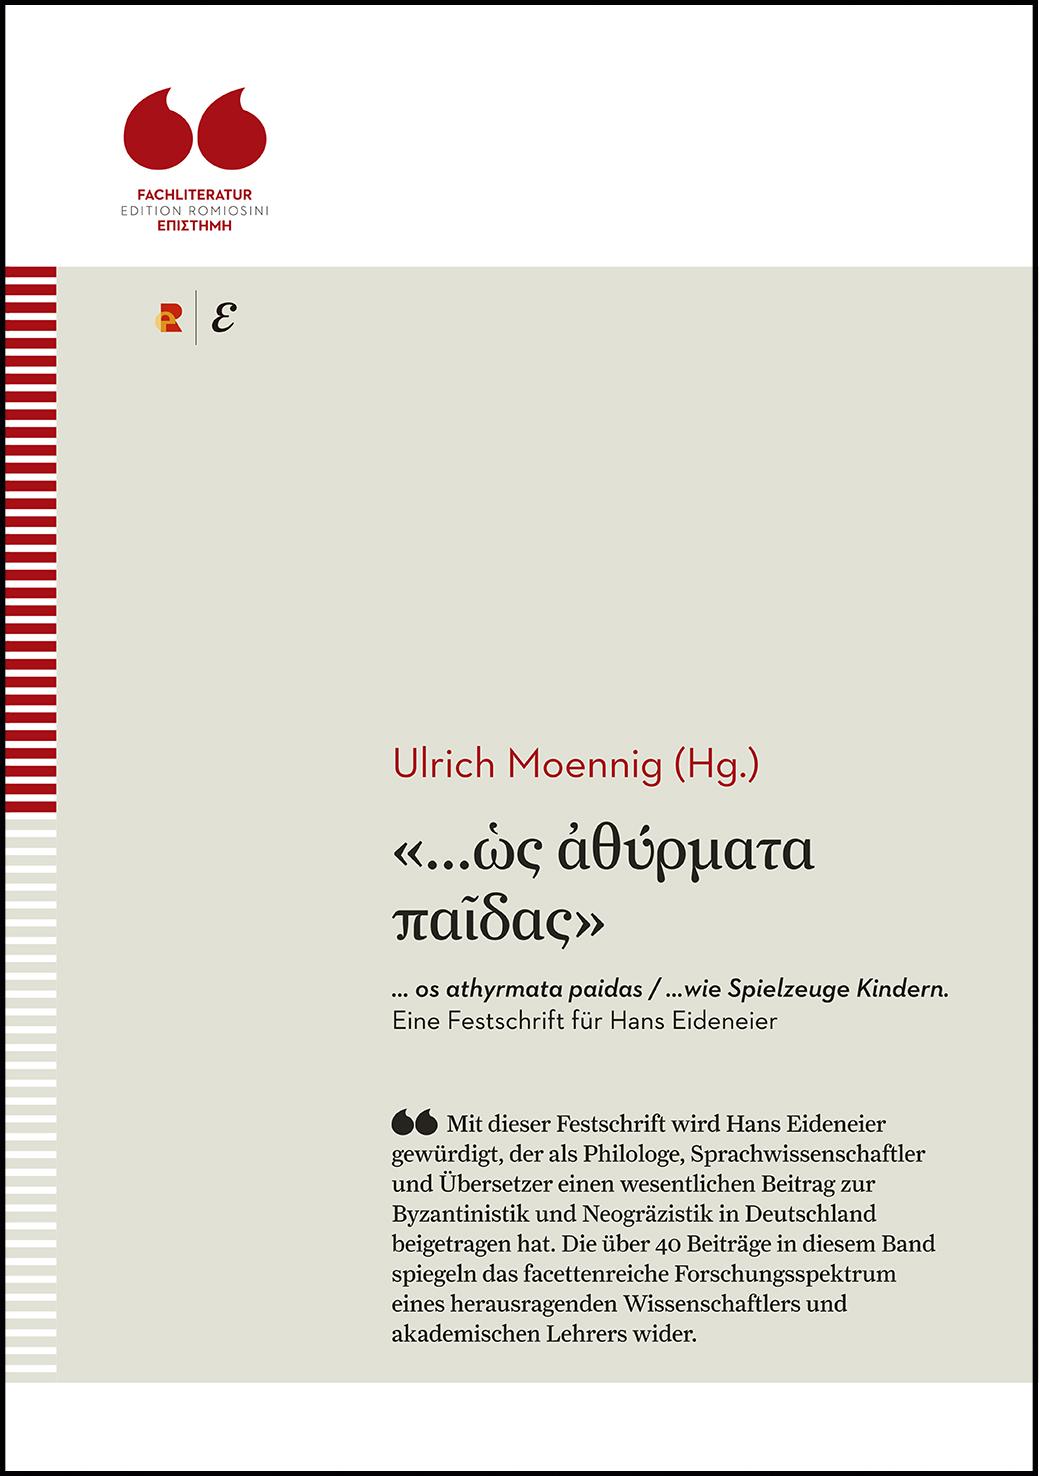 Titelbild für ... ὡς ἀθύρματα παῖδας / ... wie Spielzeuge Kindern: Eine Festschrift für Hans Eideneier